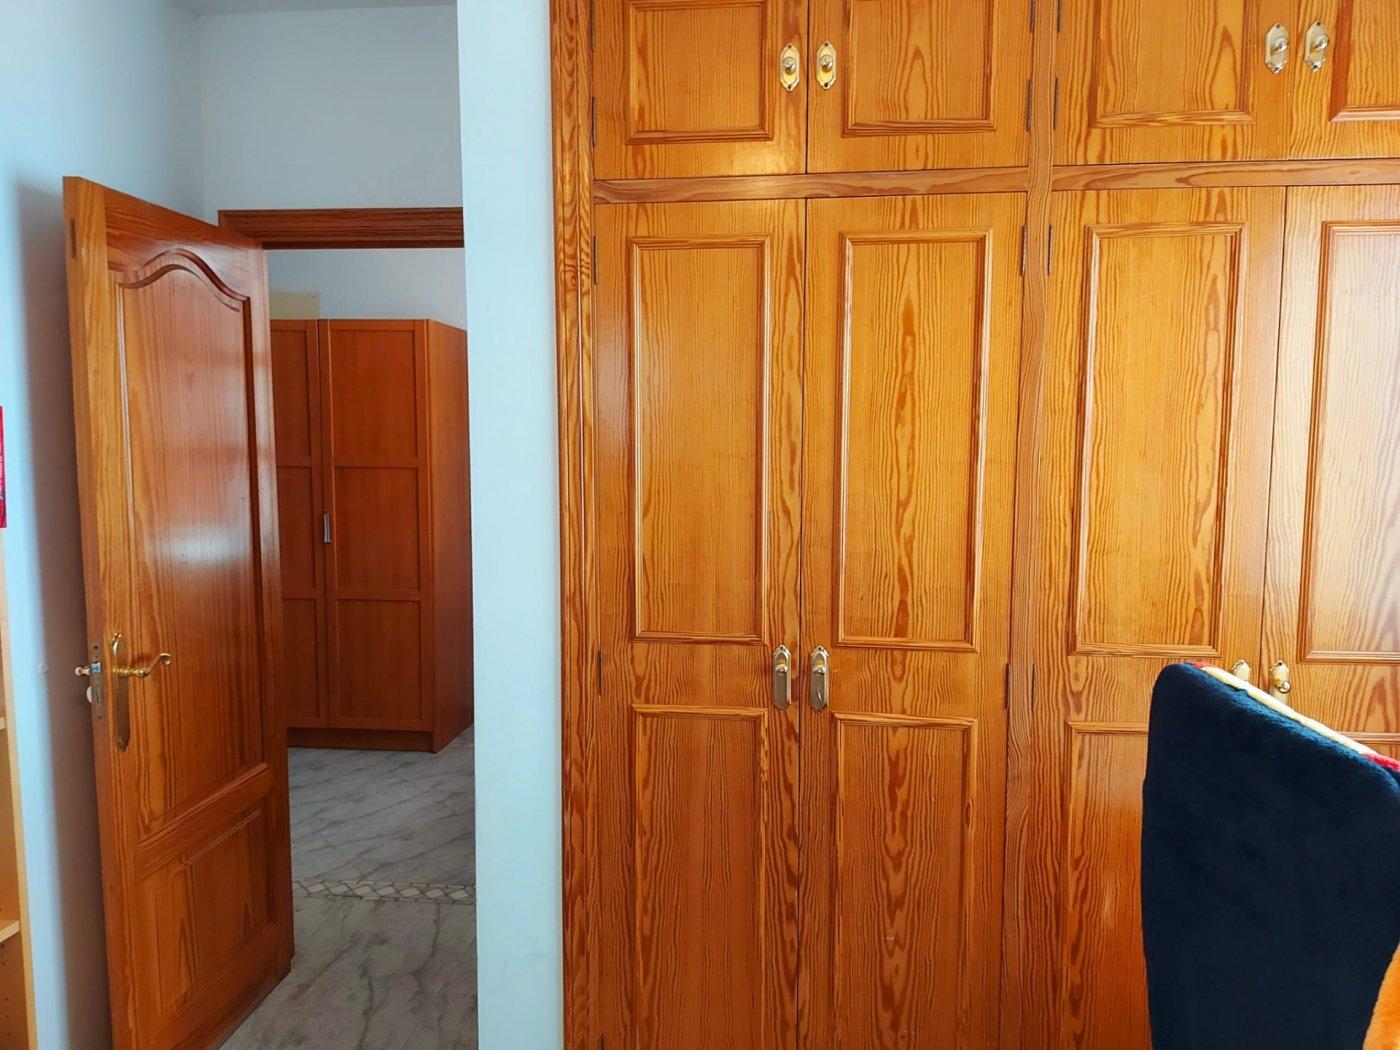 En venta espectacular casa o chalet en can carbonellell-sa cabana - imagenInmueble16